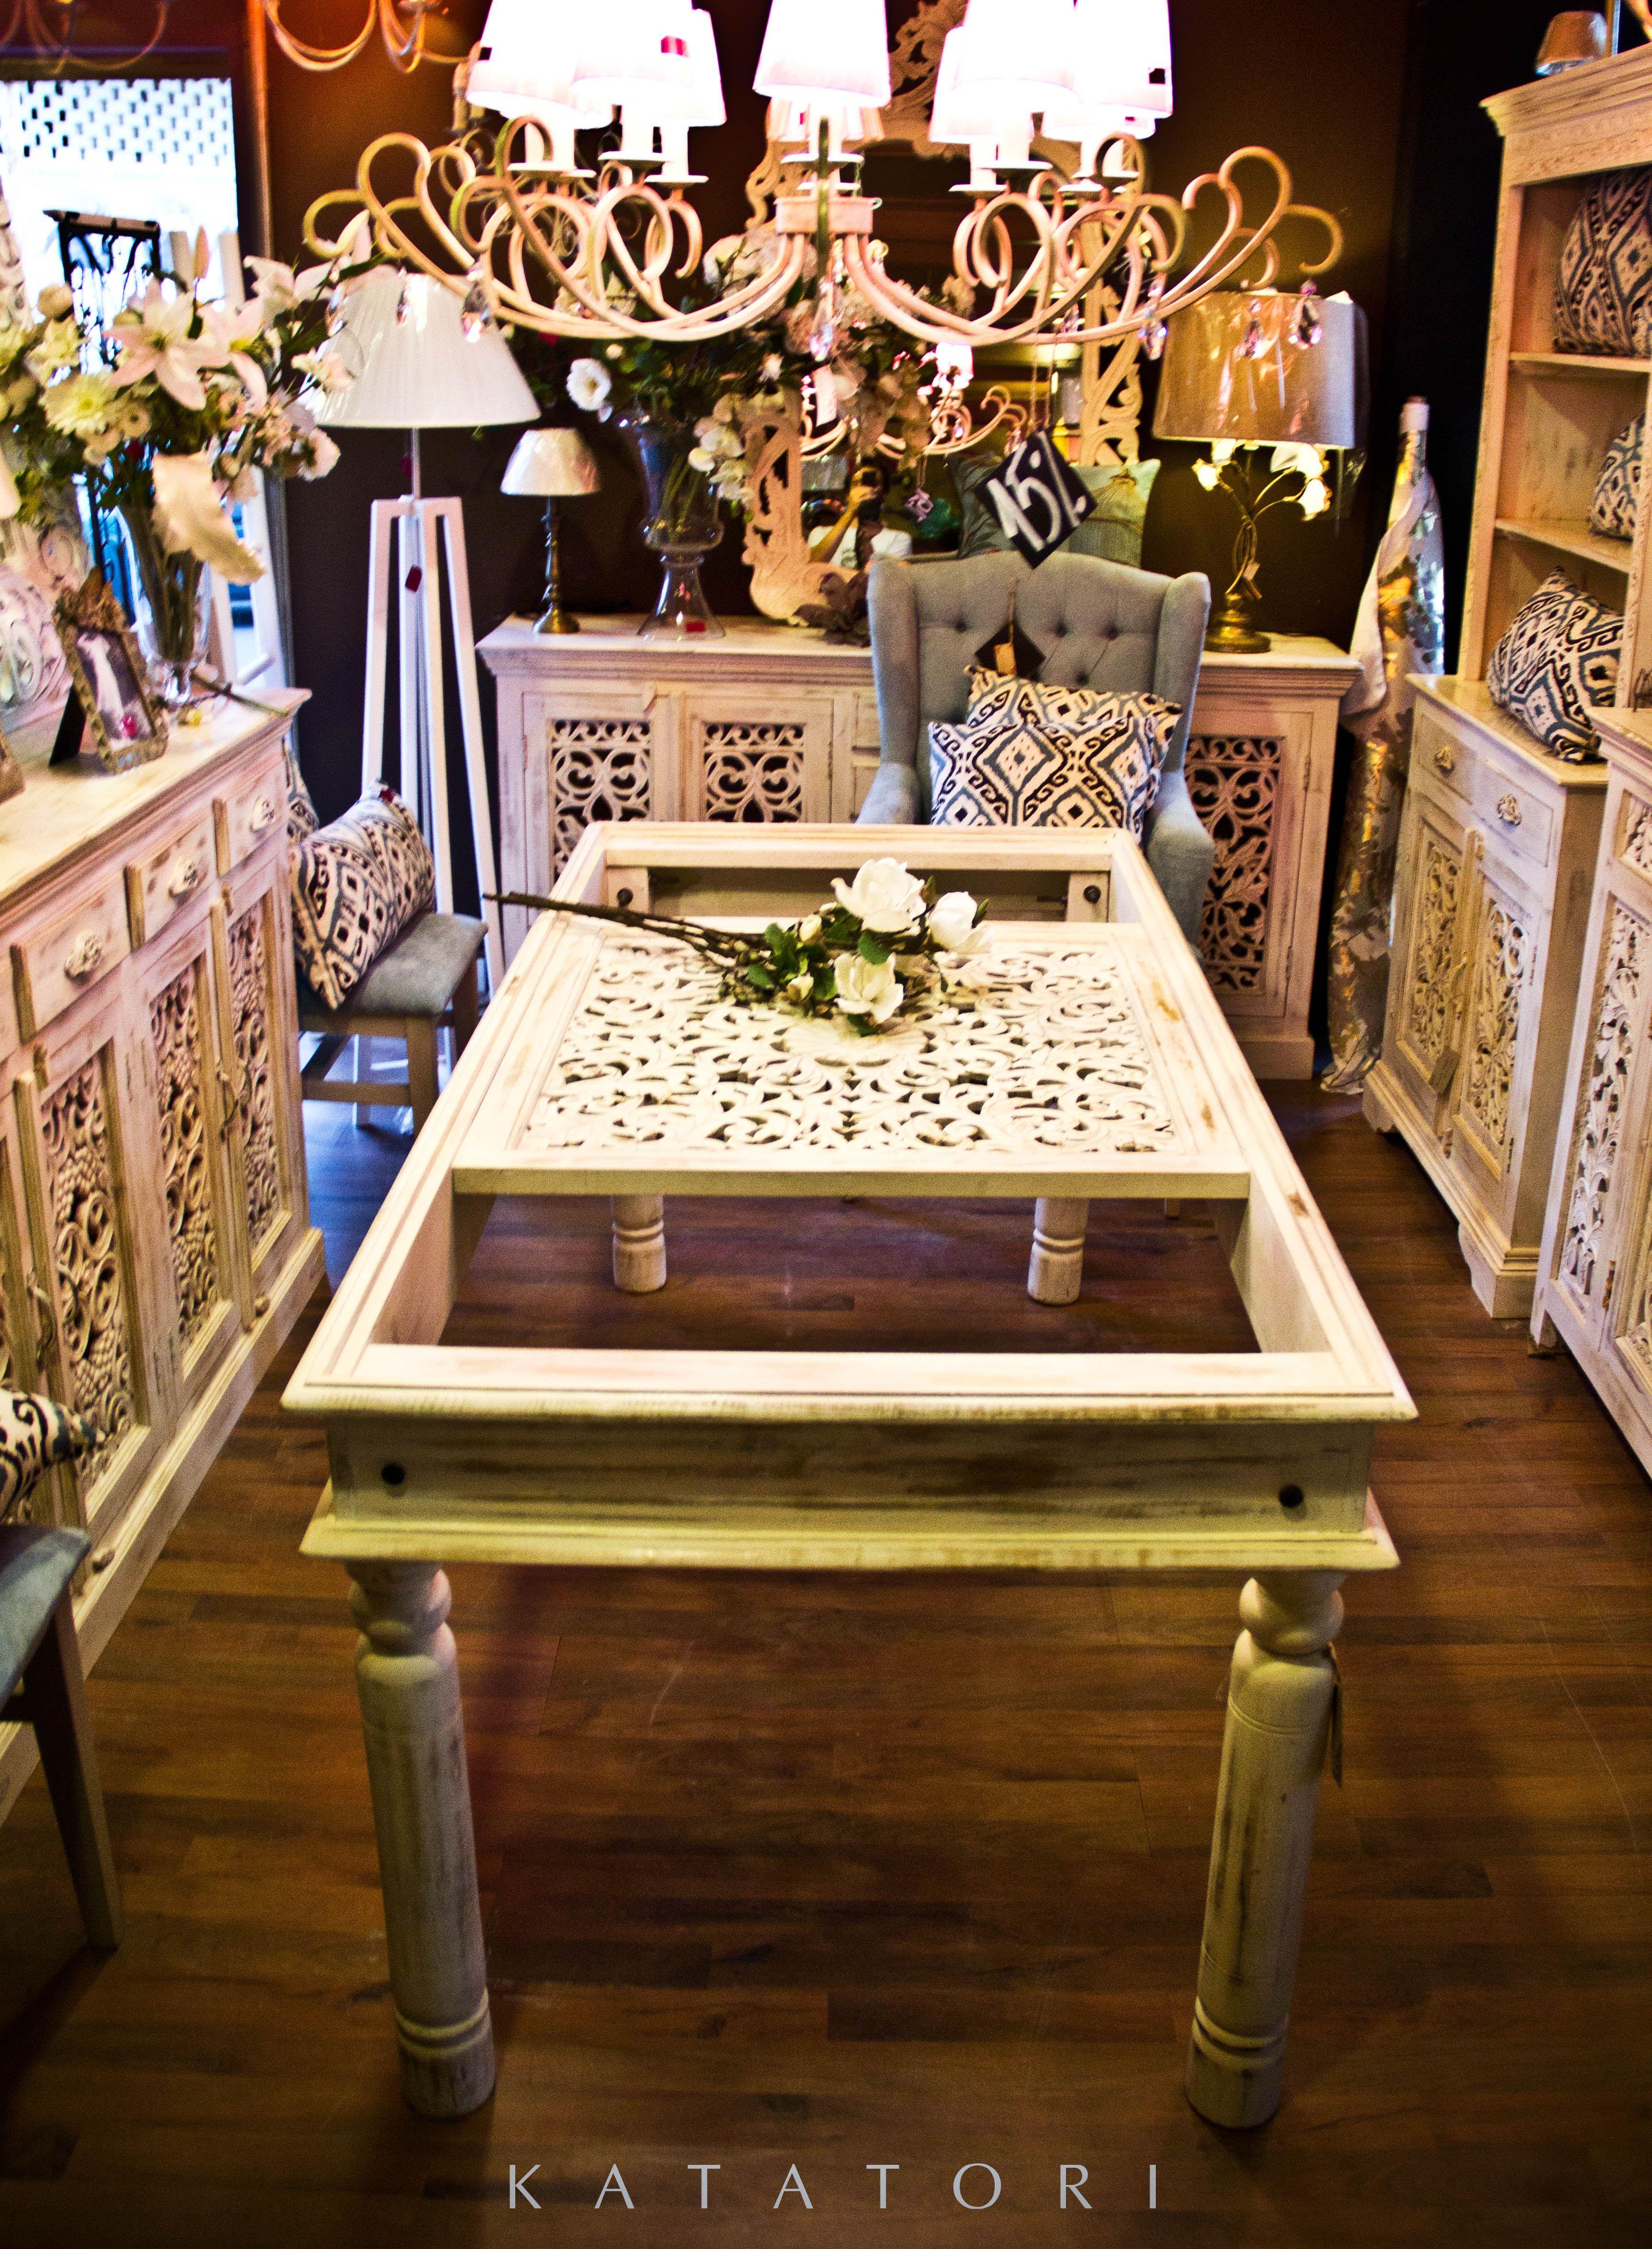 Dise o interiorismo india muebles decoraci n arte sevilla - Muebles decoracion sevilla ...